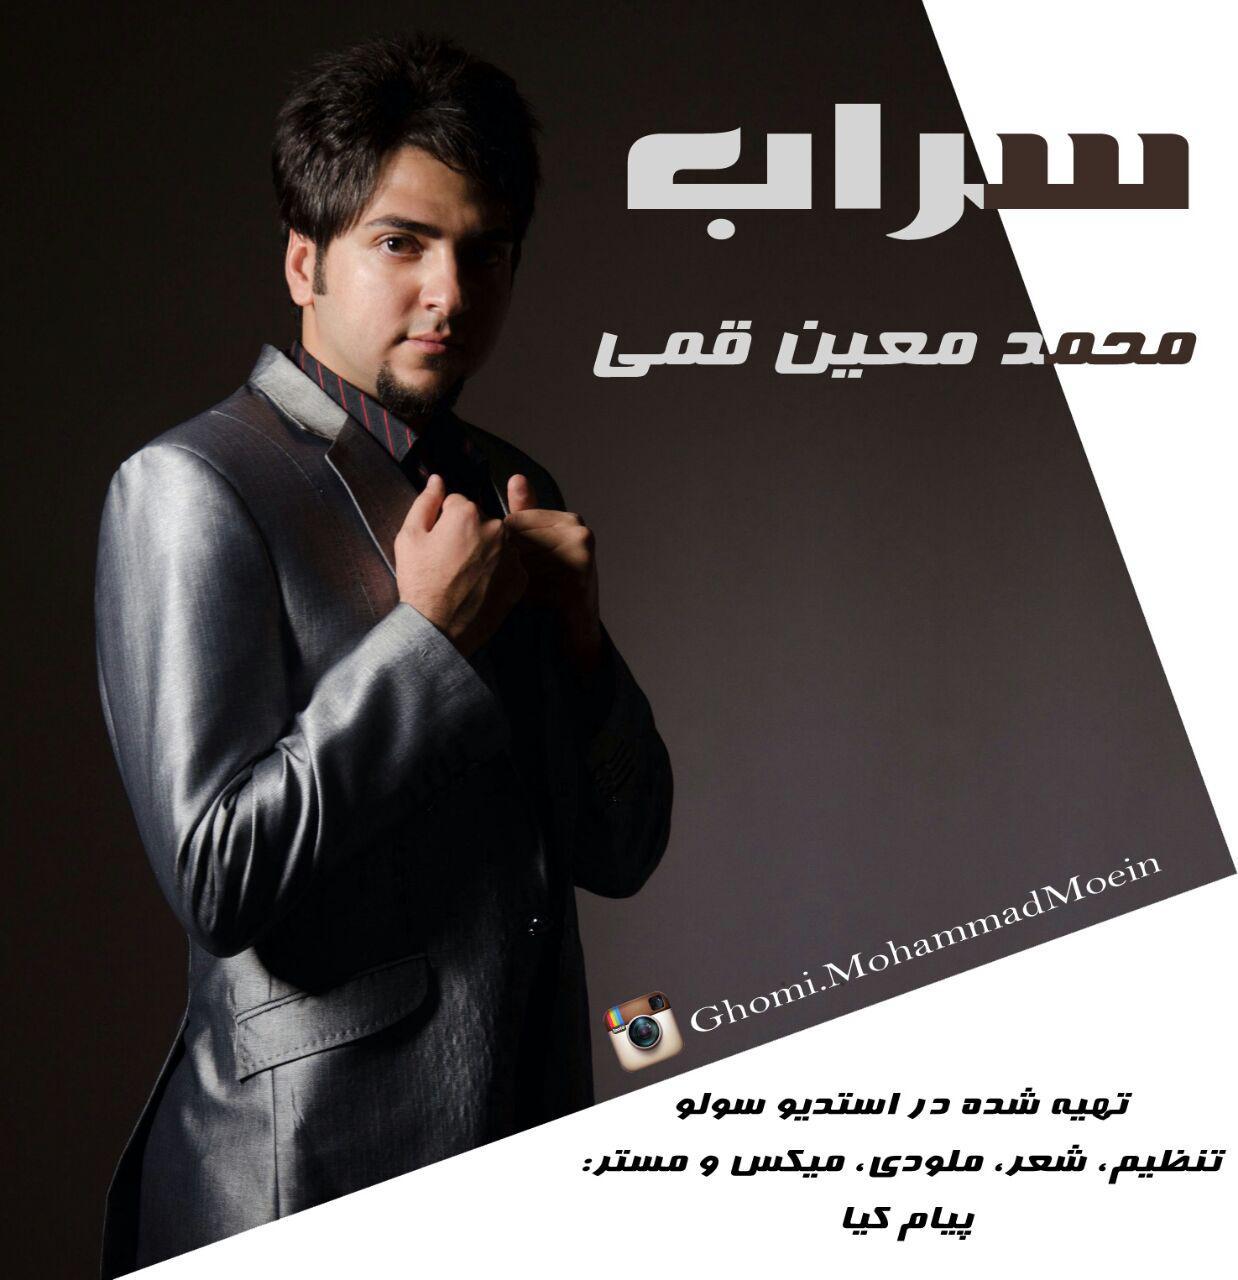 دانلود آهنگ جدید محمد معین قمی به نام سراب